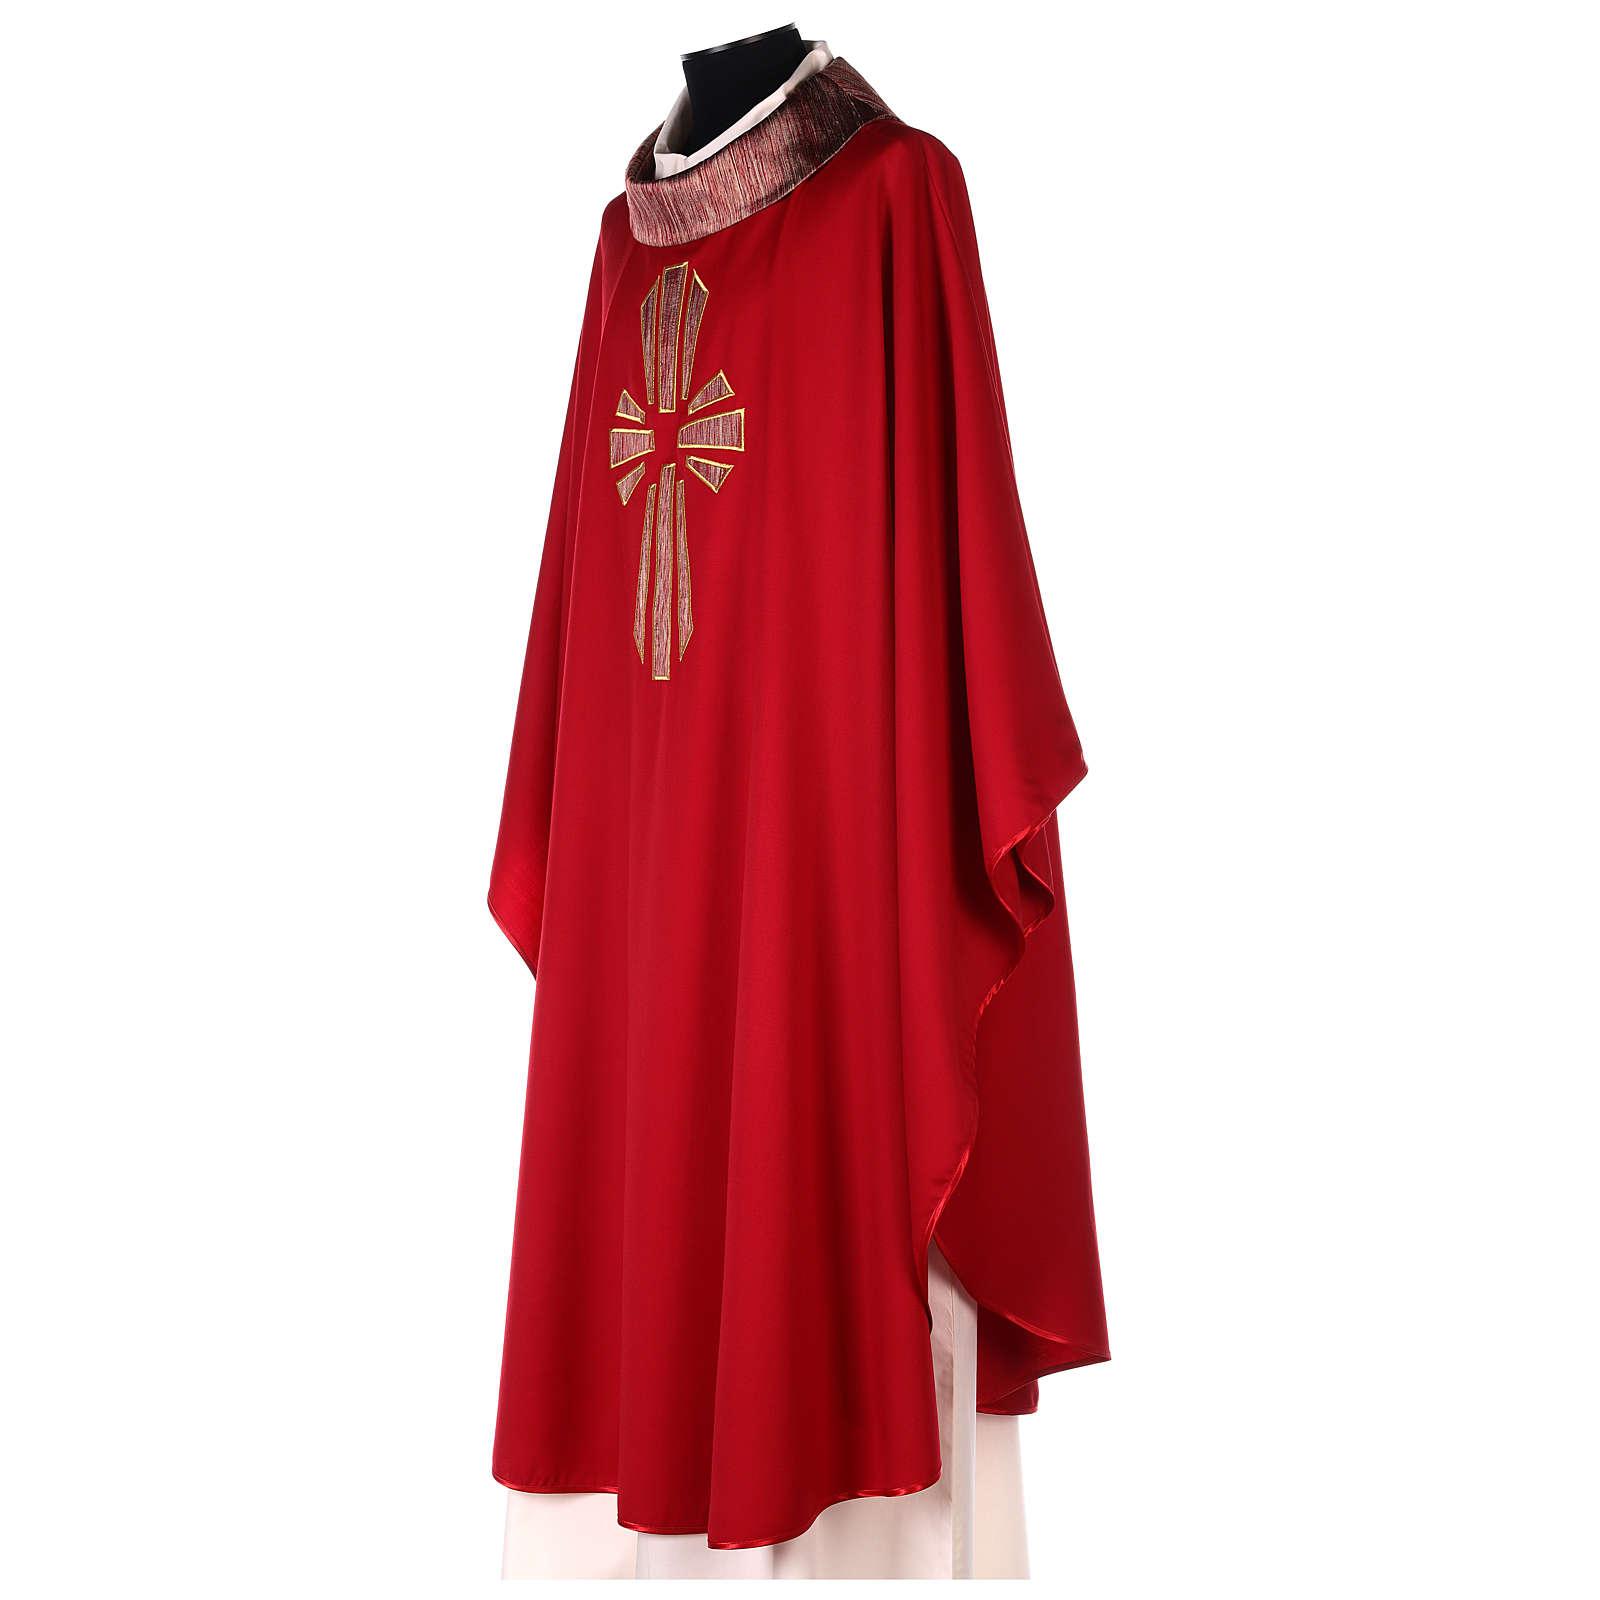 Casula 100% pura lana, riporto 100% seta croce stilizzata 4